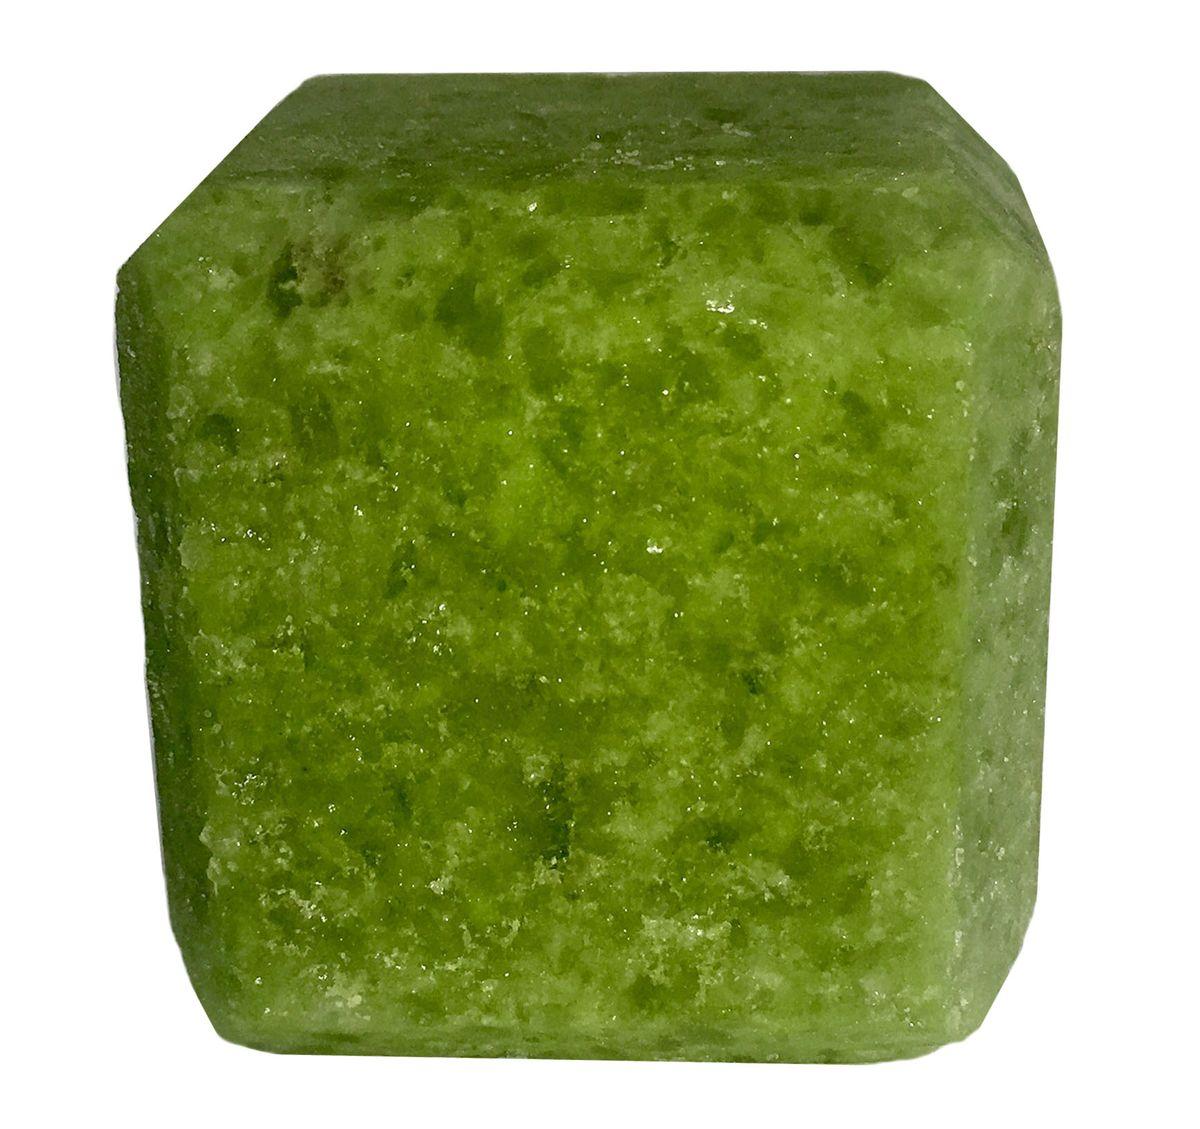 Соль для бани Proffi Sauna, с маслом кедраPS0549Прессованный кубик из соли для сауны с ароматом Кедра. Заходя в бане/ сауне в парилку, Вы ставите кубик из соли на камни и поливаете камень водой. В результате образуется облако соляного пара, а по всей парилке разносится приятный аромат. 1 кубик рассчитан на 1 применение. Состав: чистая природная структурированная соль, эфирное масло.